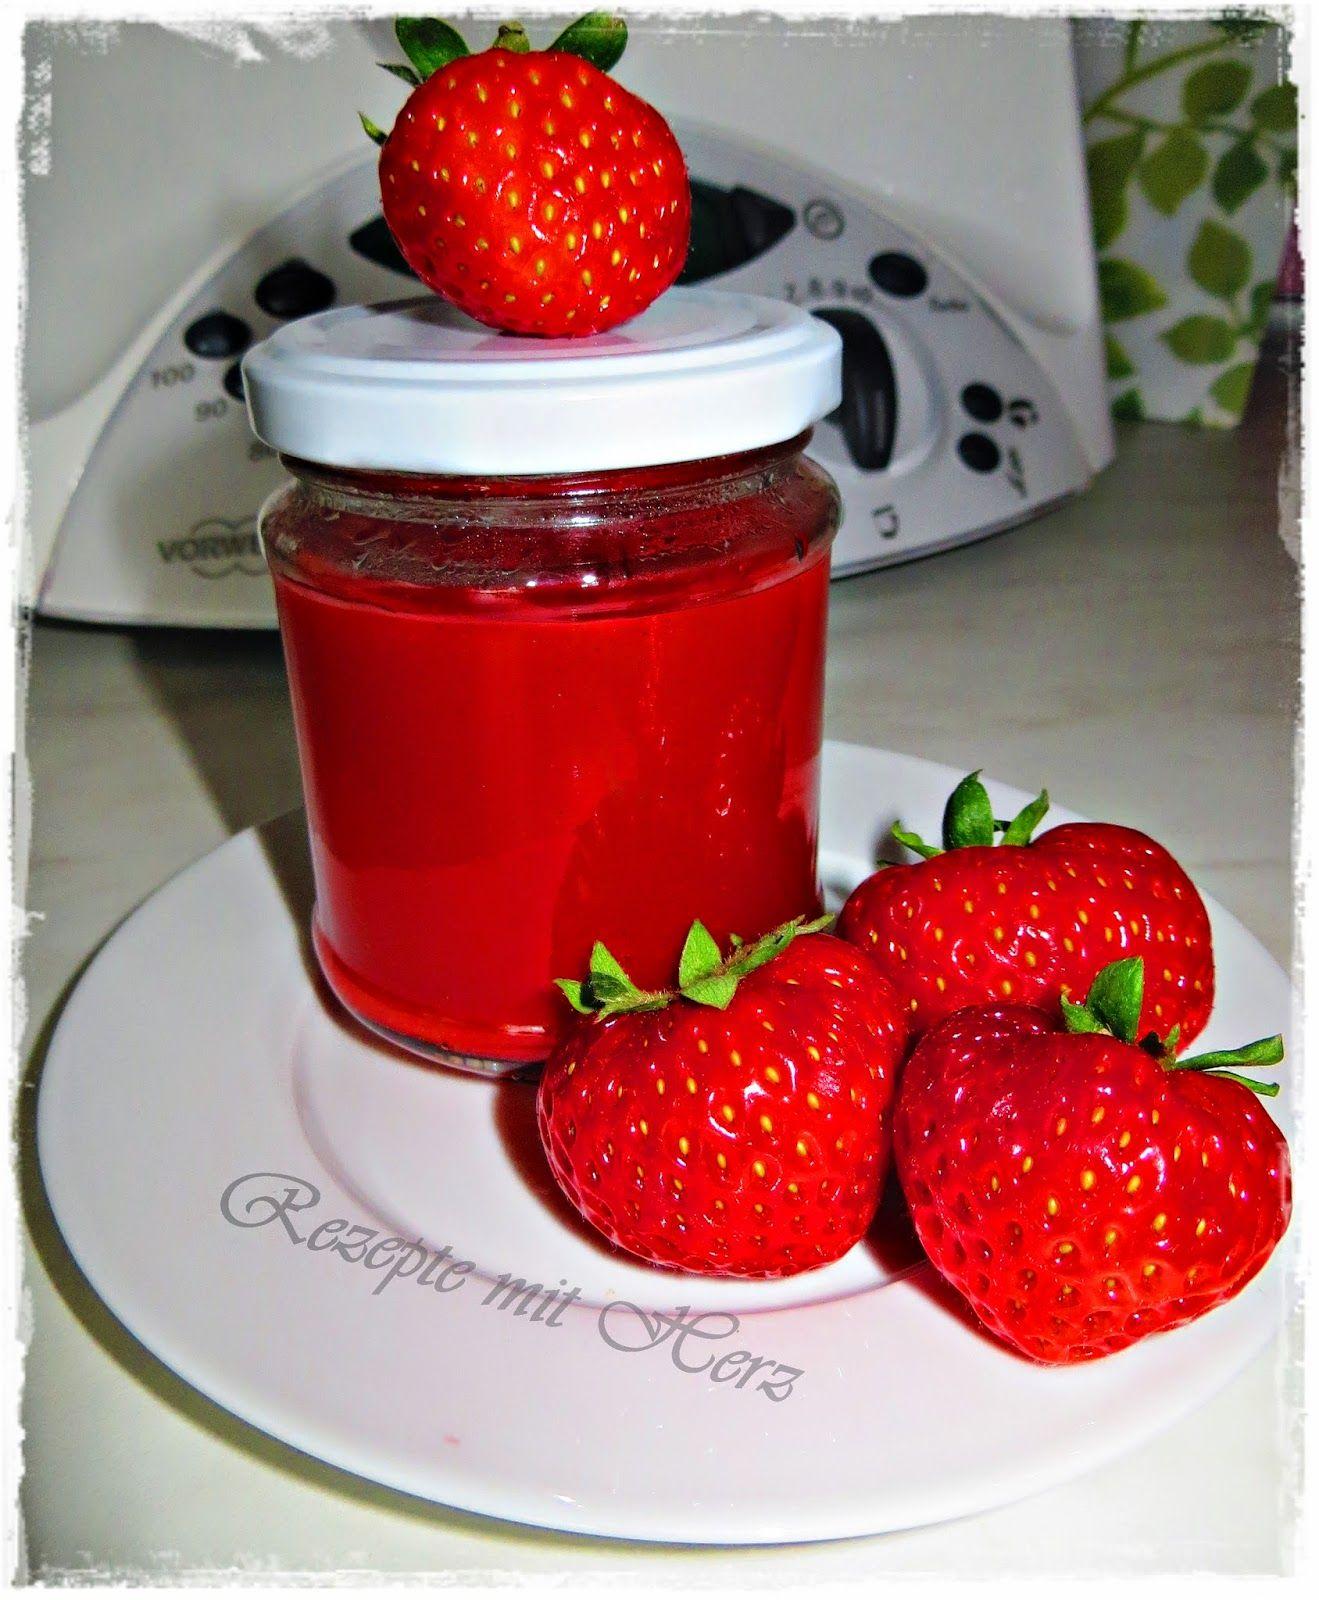 rezepte mit herz erdbeer samt marmelade thermomix marmelade erdbeeren marmelade und. Black Bedroom Furniture Sets. Home Design Ideas